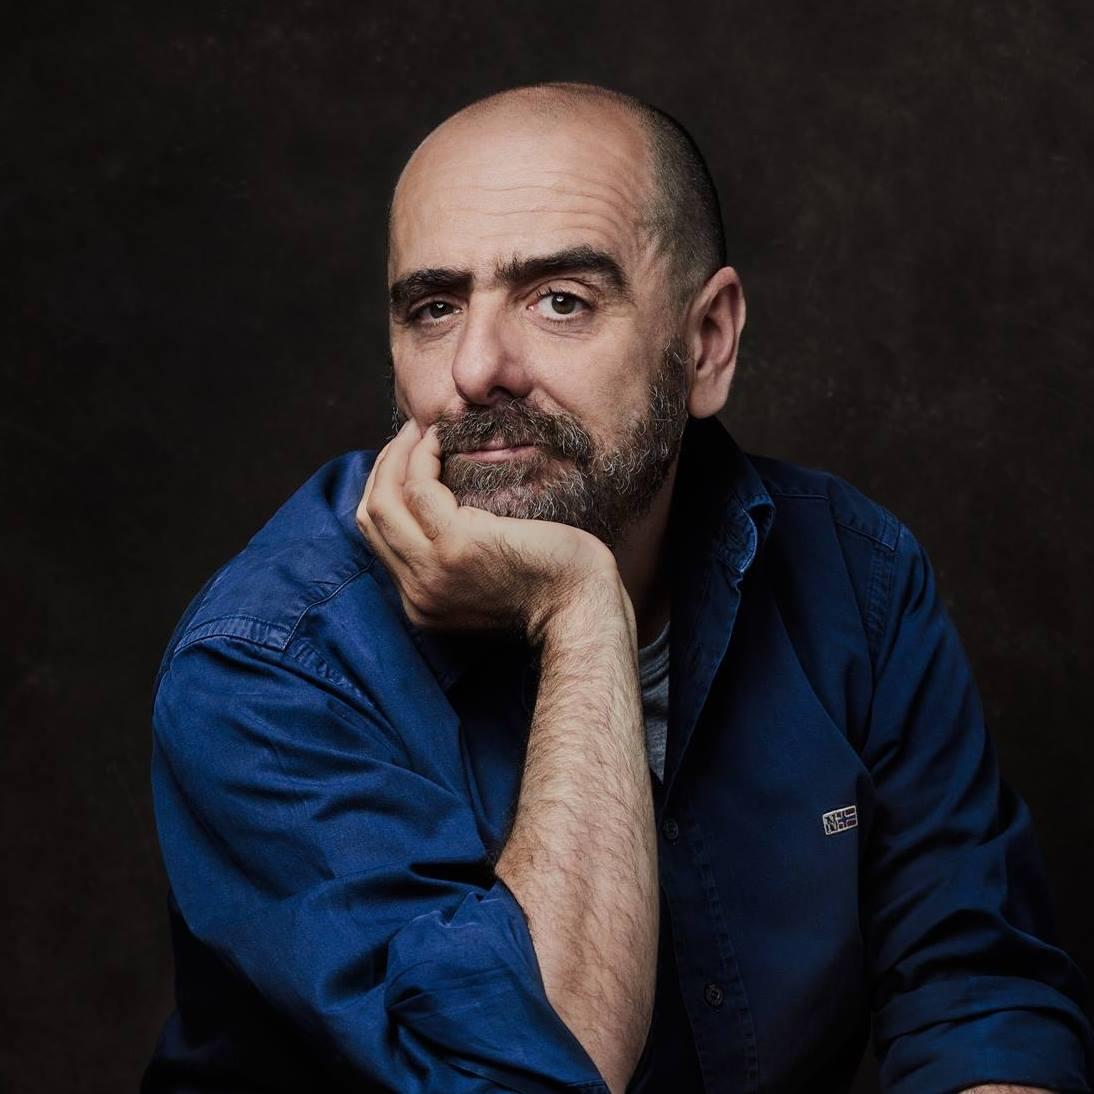 Incontro con l'autore: Angelo Calvisi | ZEST Letteratura sostenibile